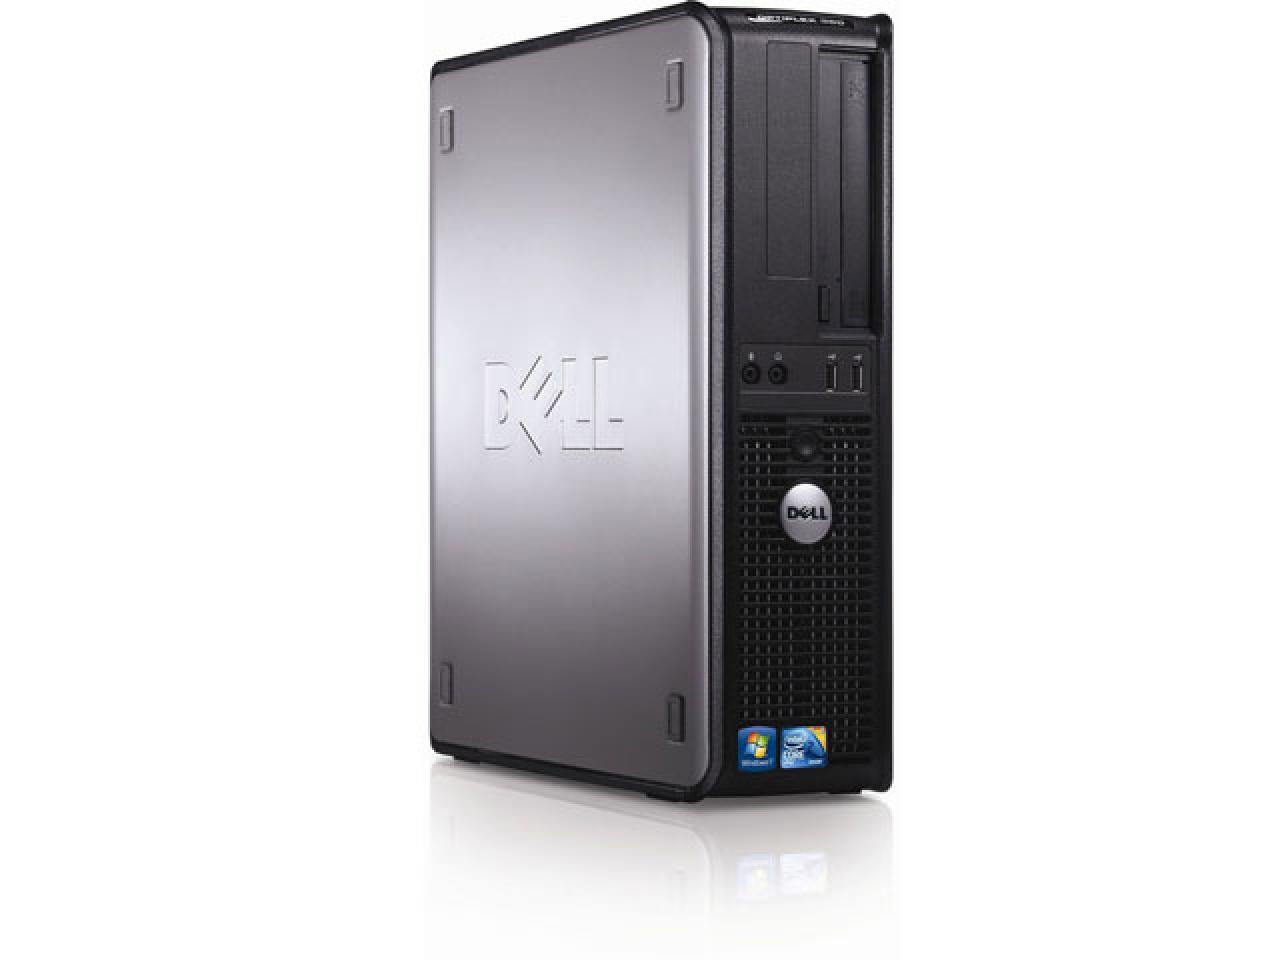 Dell OptiPlex 380 SFF  - shop.bb-net.de